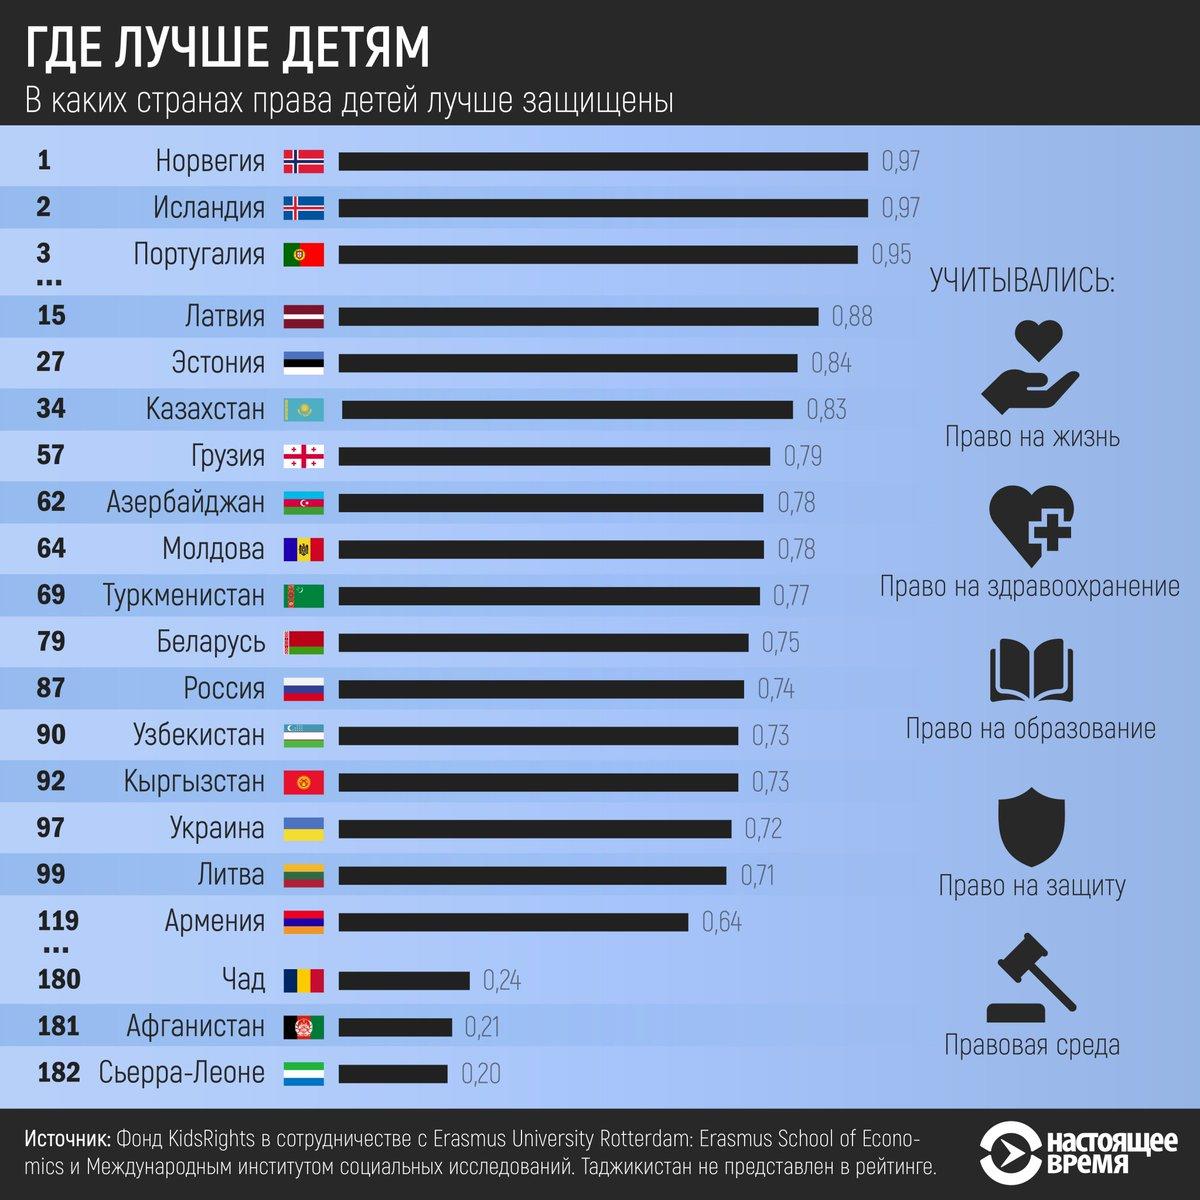 в каких позициях россия занимает 1 место